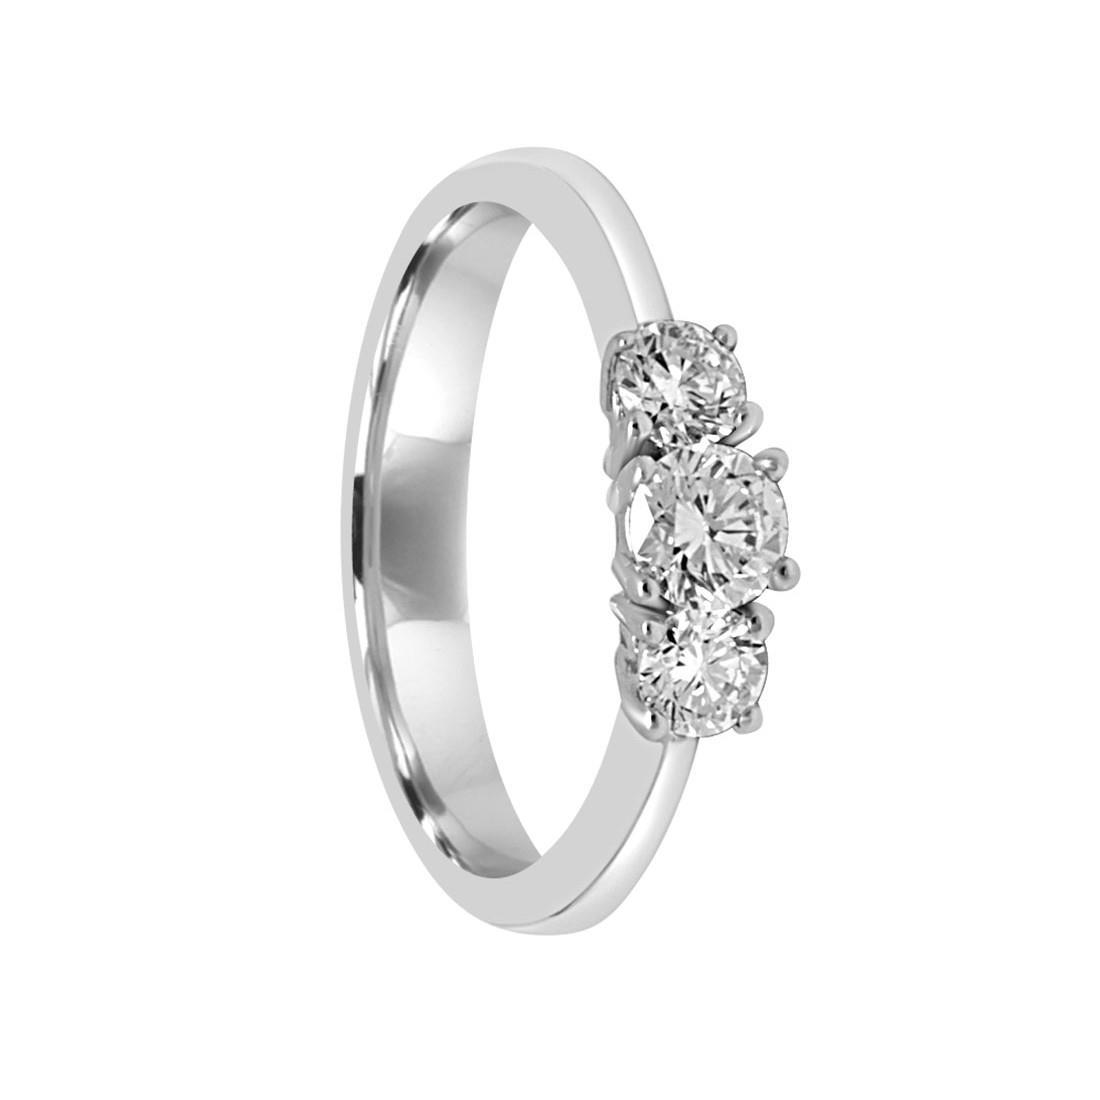 Anello trilogy in oro bianco con diamanti ct 0.64, mis 15.5 - ALFIERI & ST.JOHN